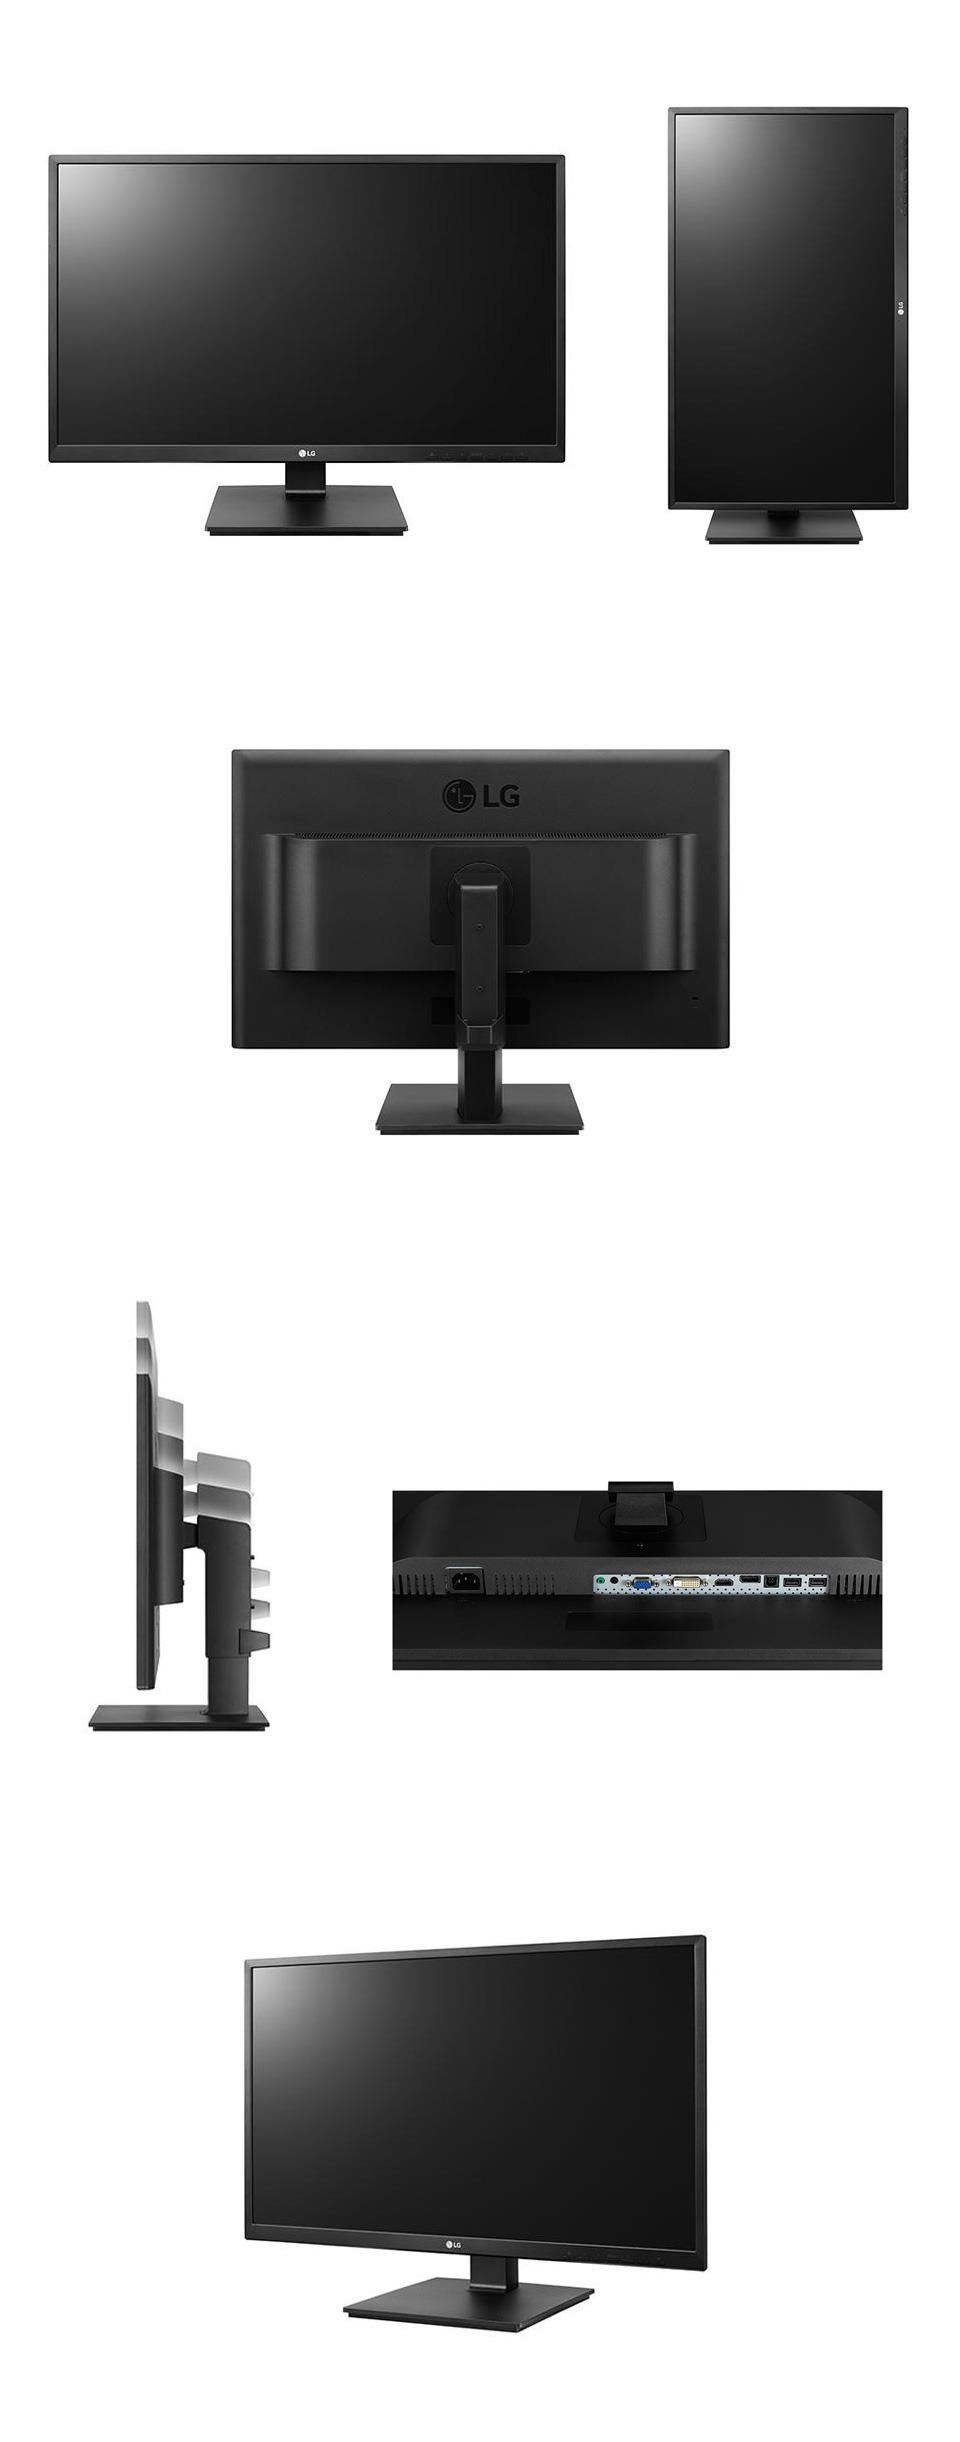 LG 24BK550Y-B FHD IPS 24in Monitor product